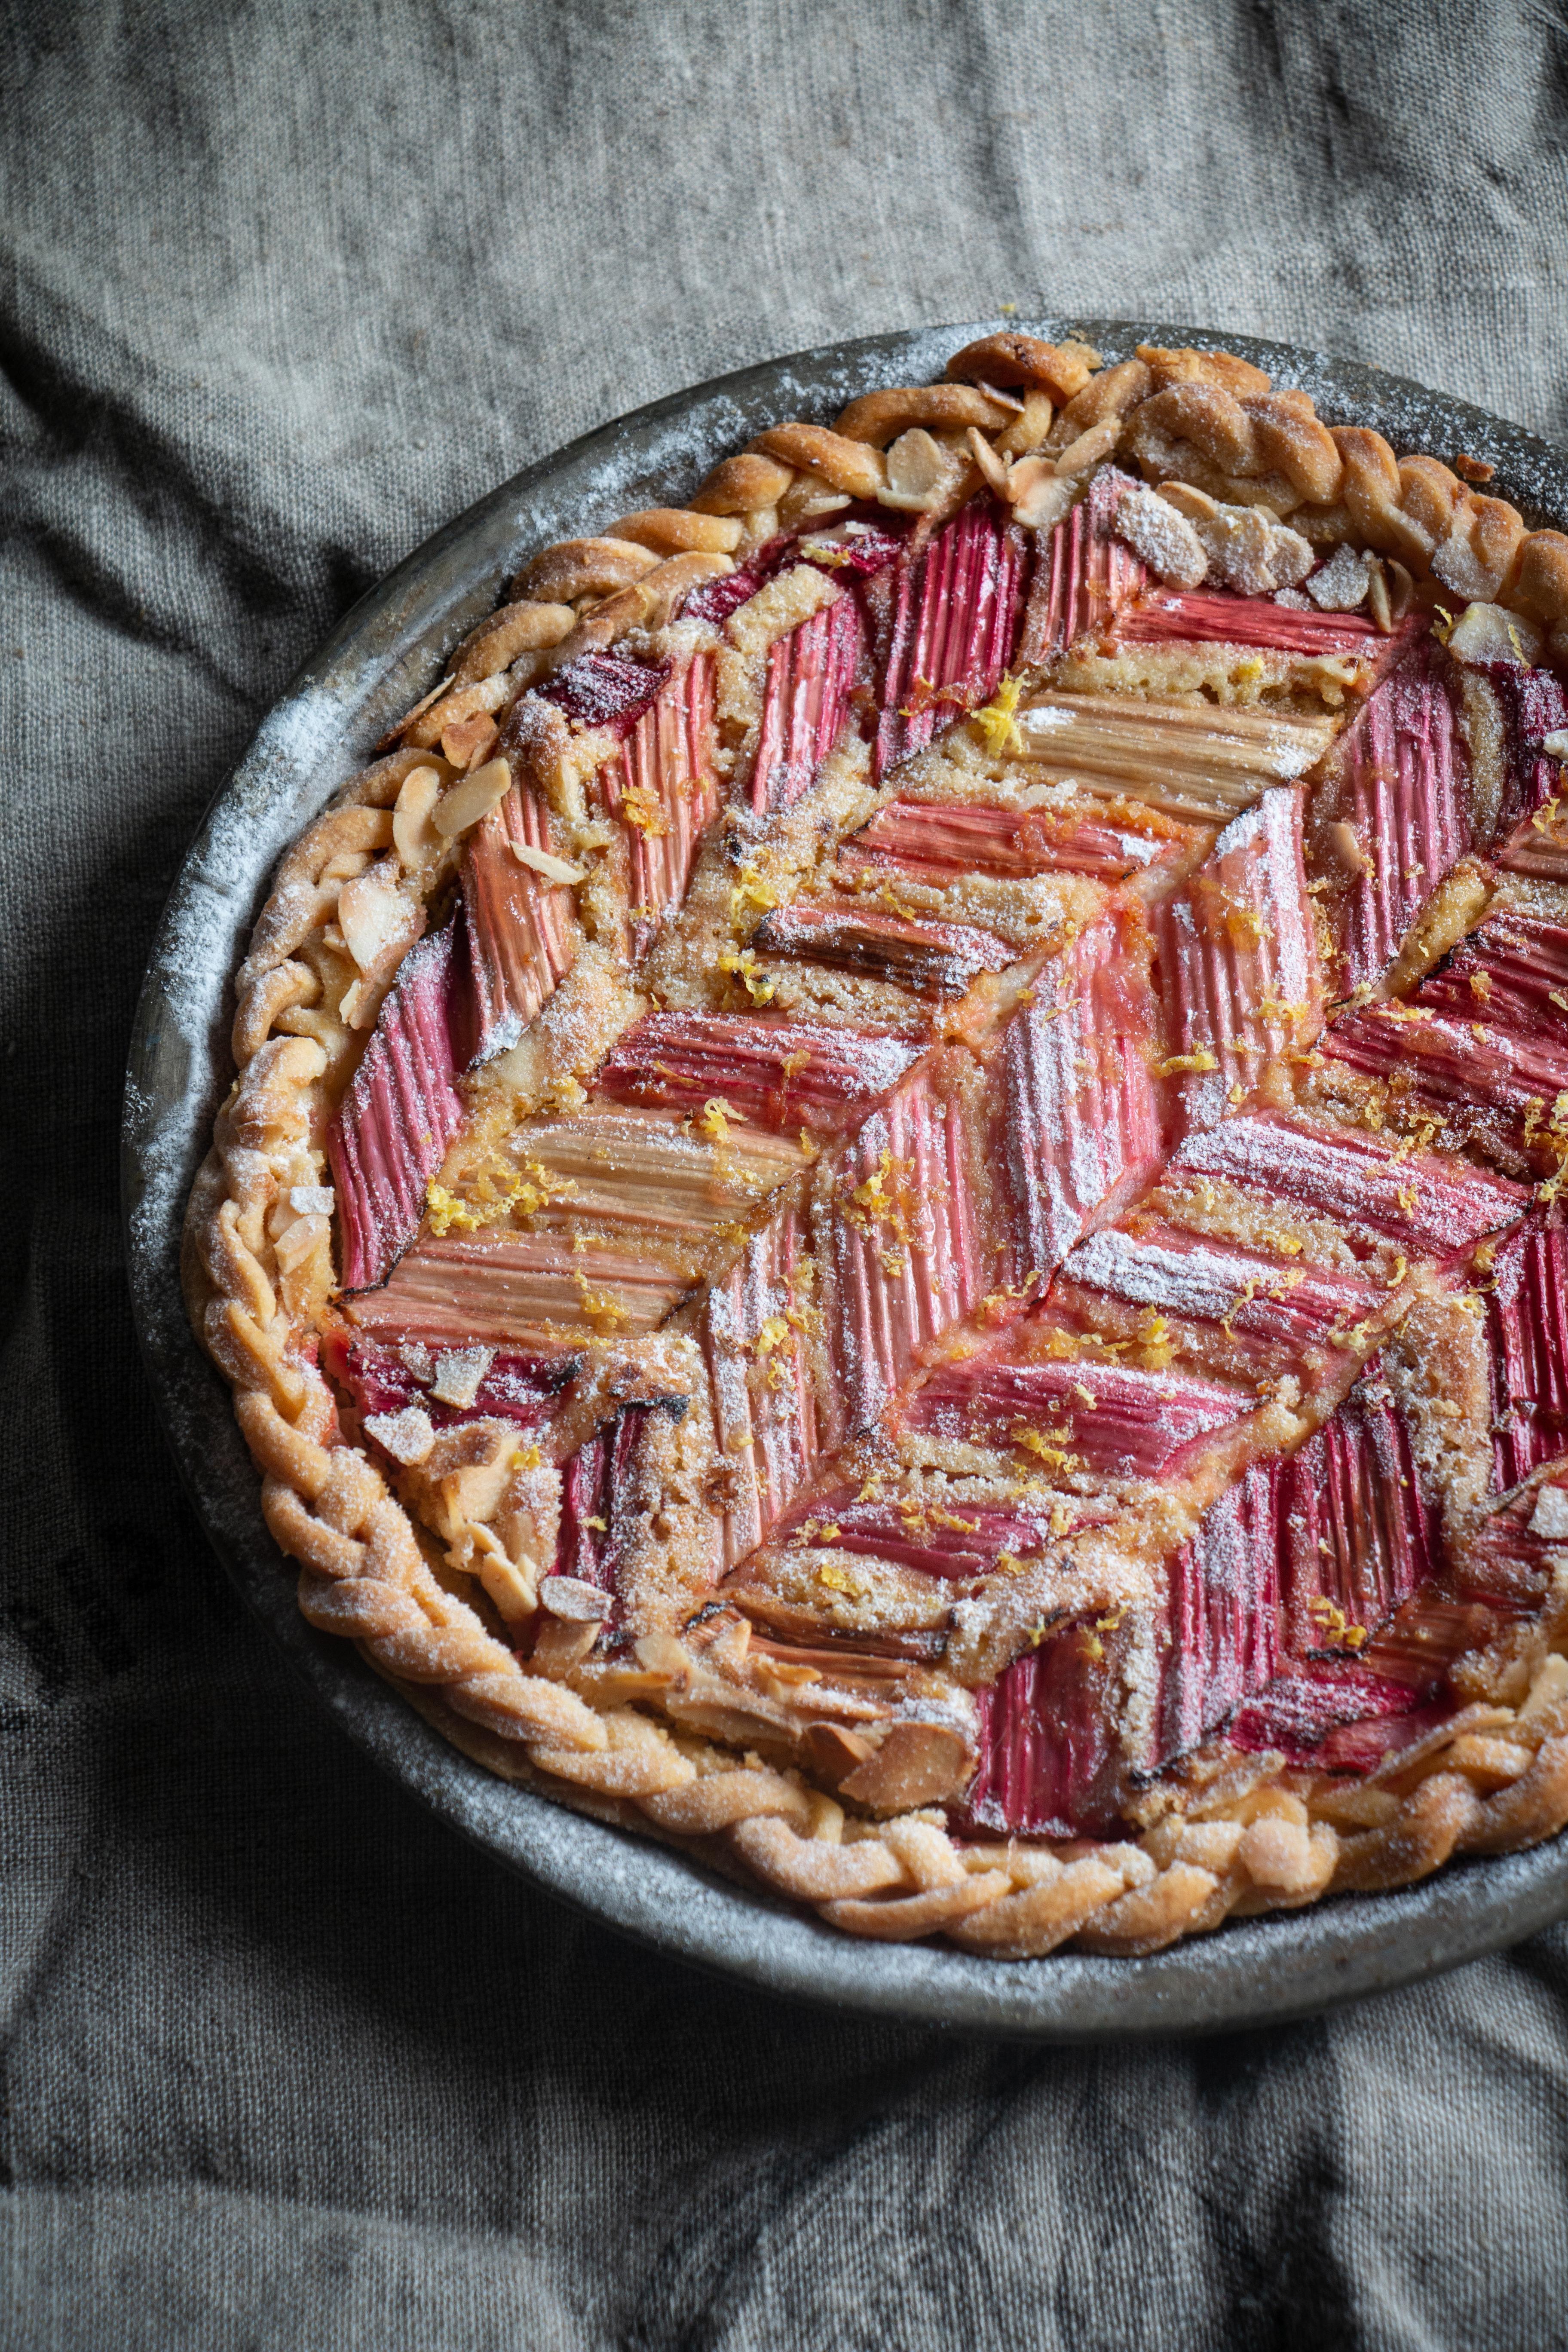 Rhubarb frangipane tart